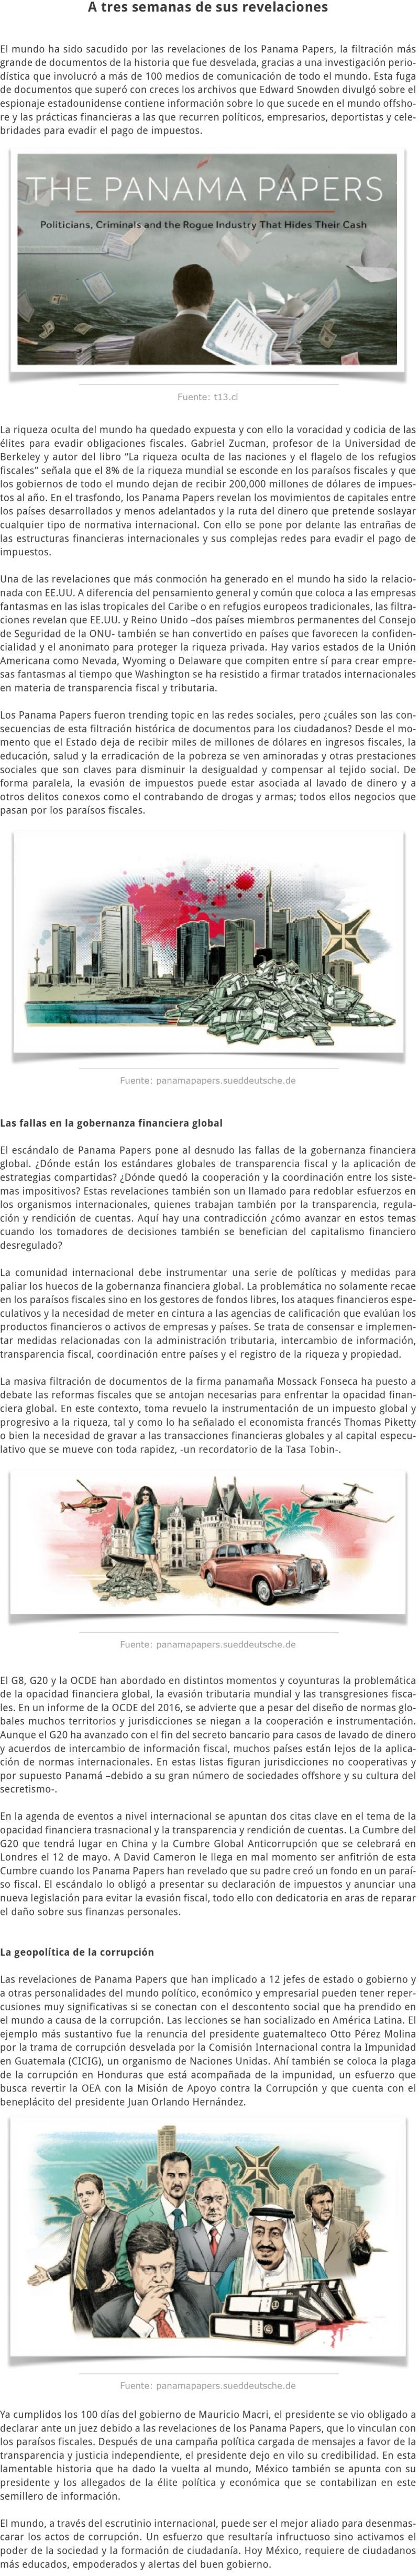 LAS IMPLICACIONES GLOBALES DE LOS PANAMA PAPERS